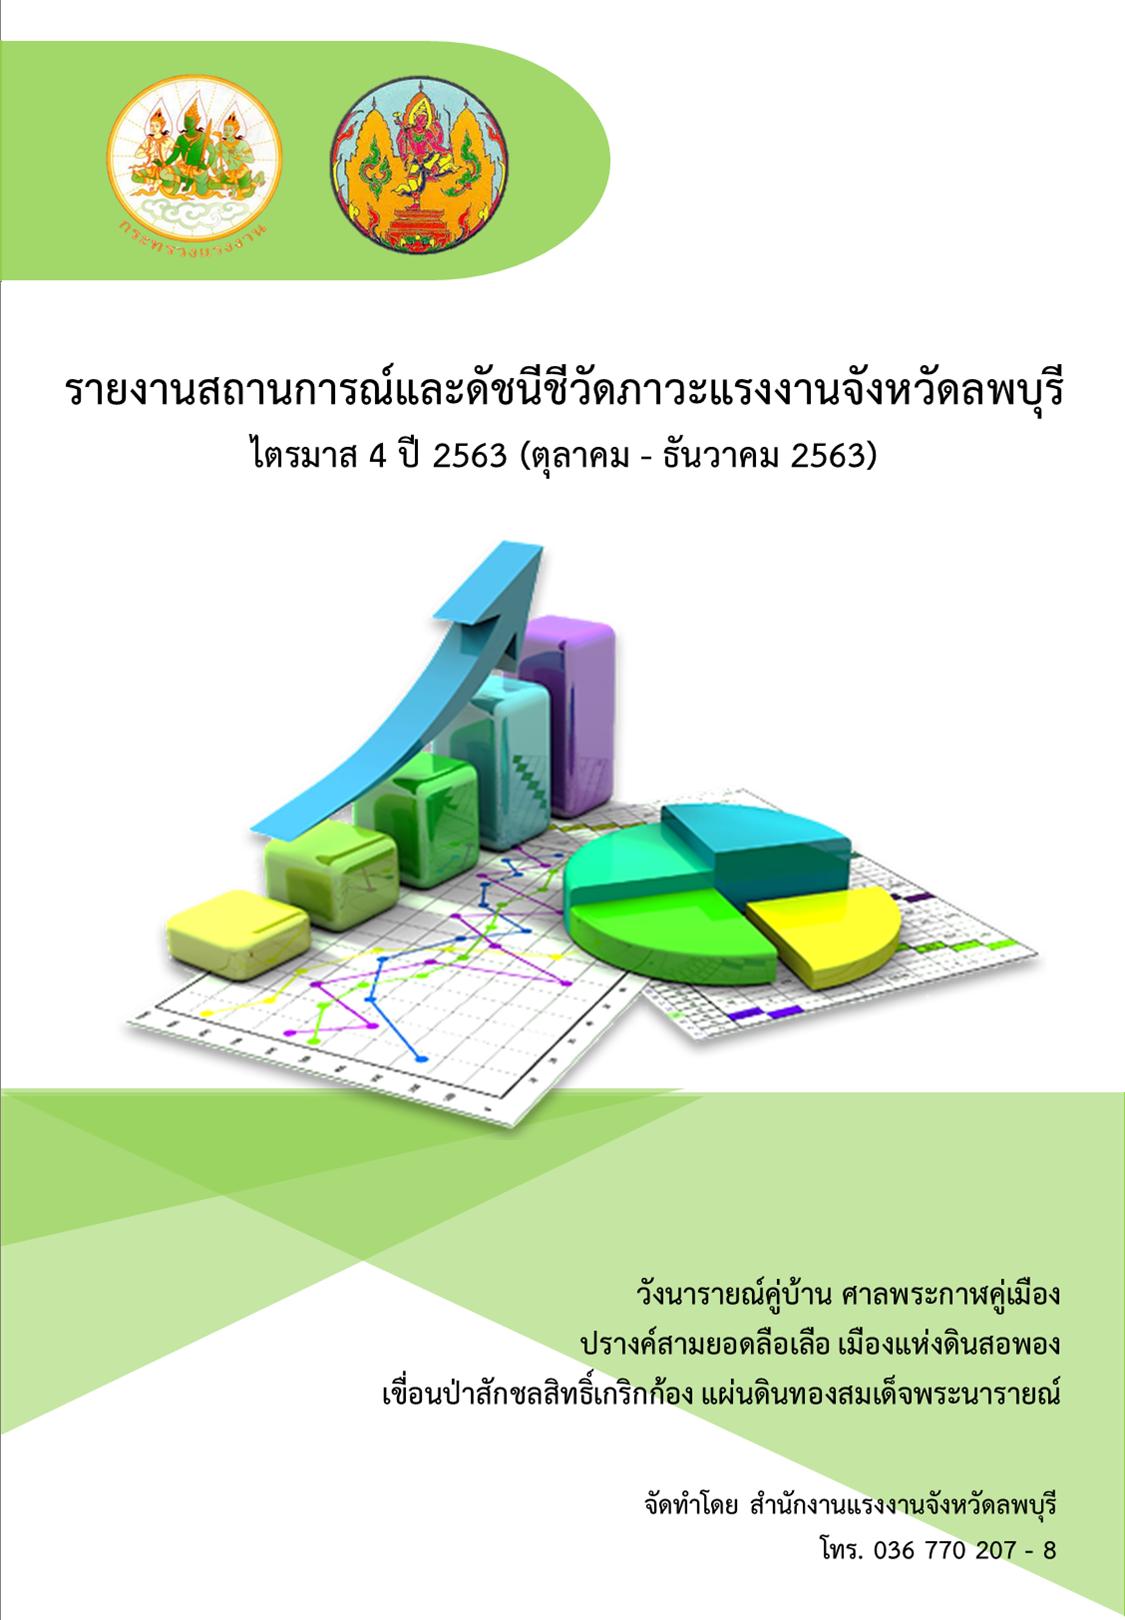 รายงานสถานการณ์แรงงานและดัชนีชี้วัดภาวะแรงงานจังหวัดลพบุรี ไตรมาส 4 ปี 2563 (ตุลาคม – ธันวาคม 2563)